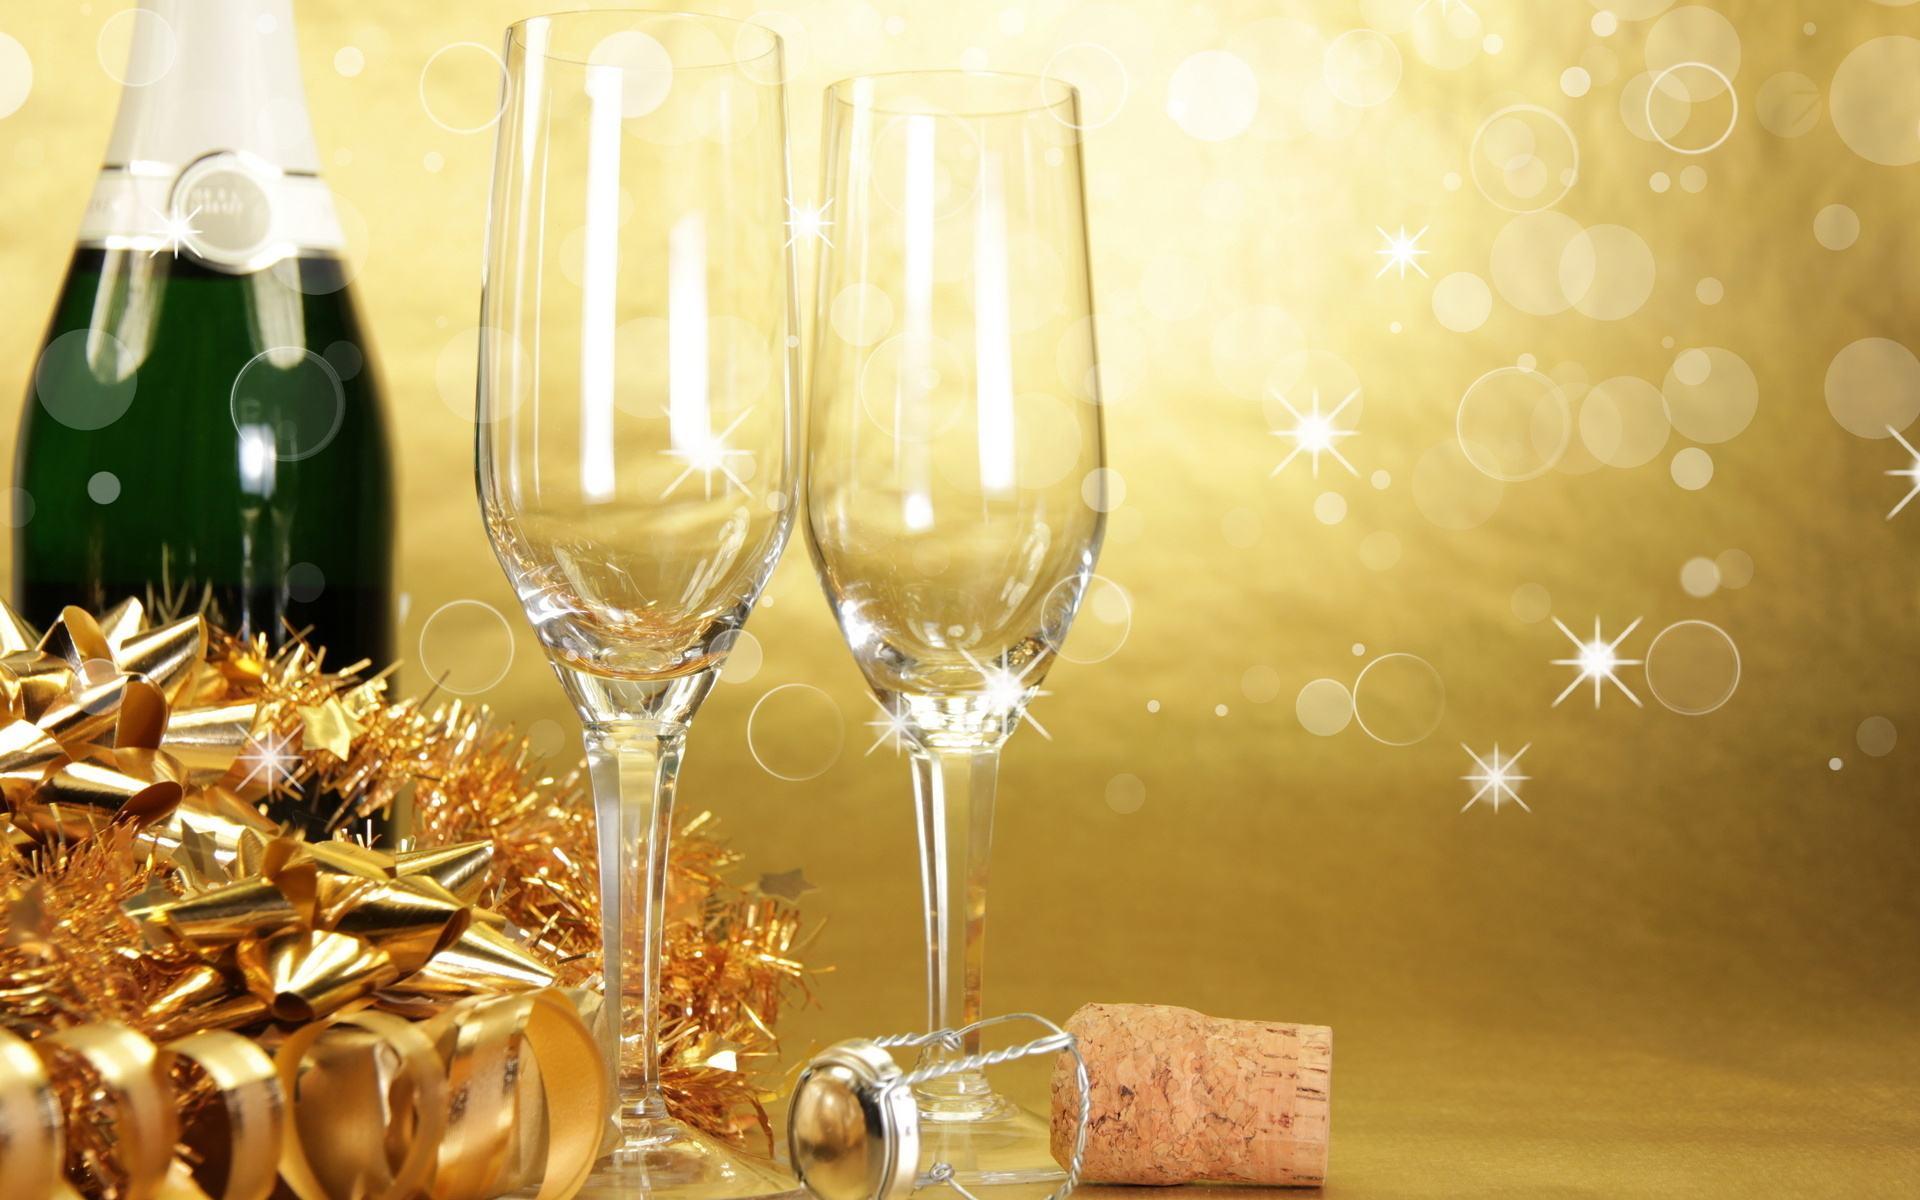 Ano Novo vida nova (Foto: Ilustração)